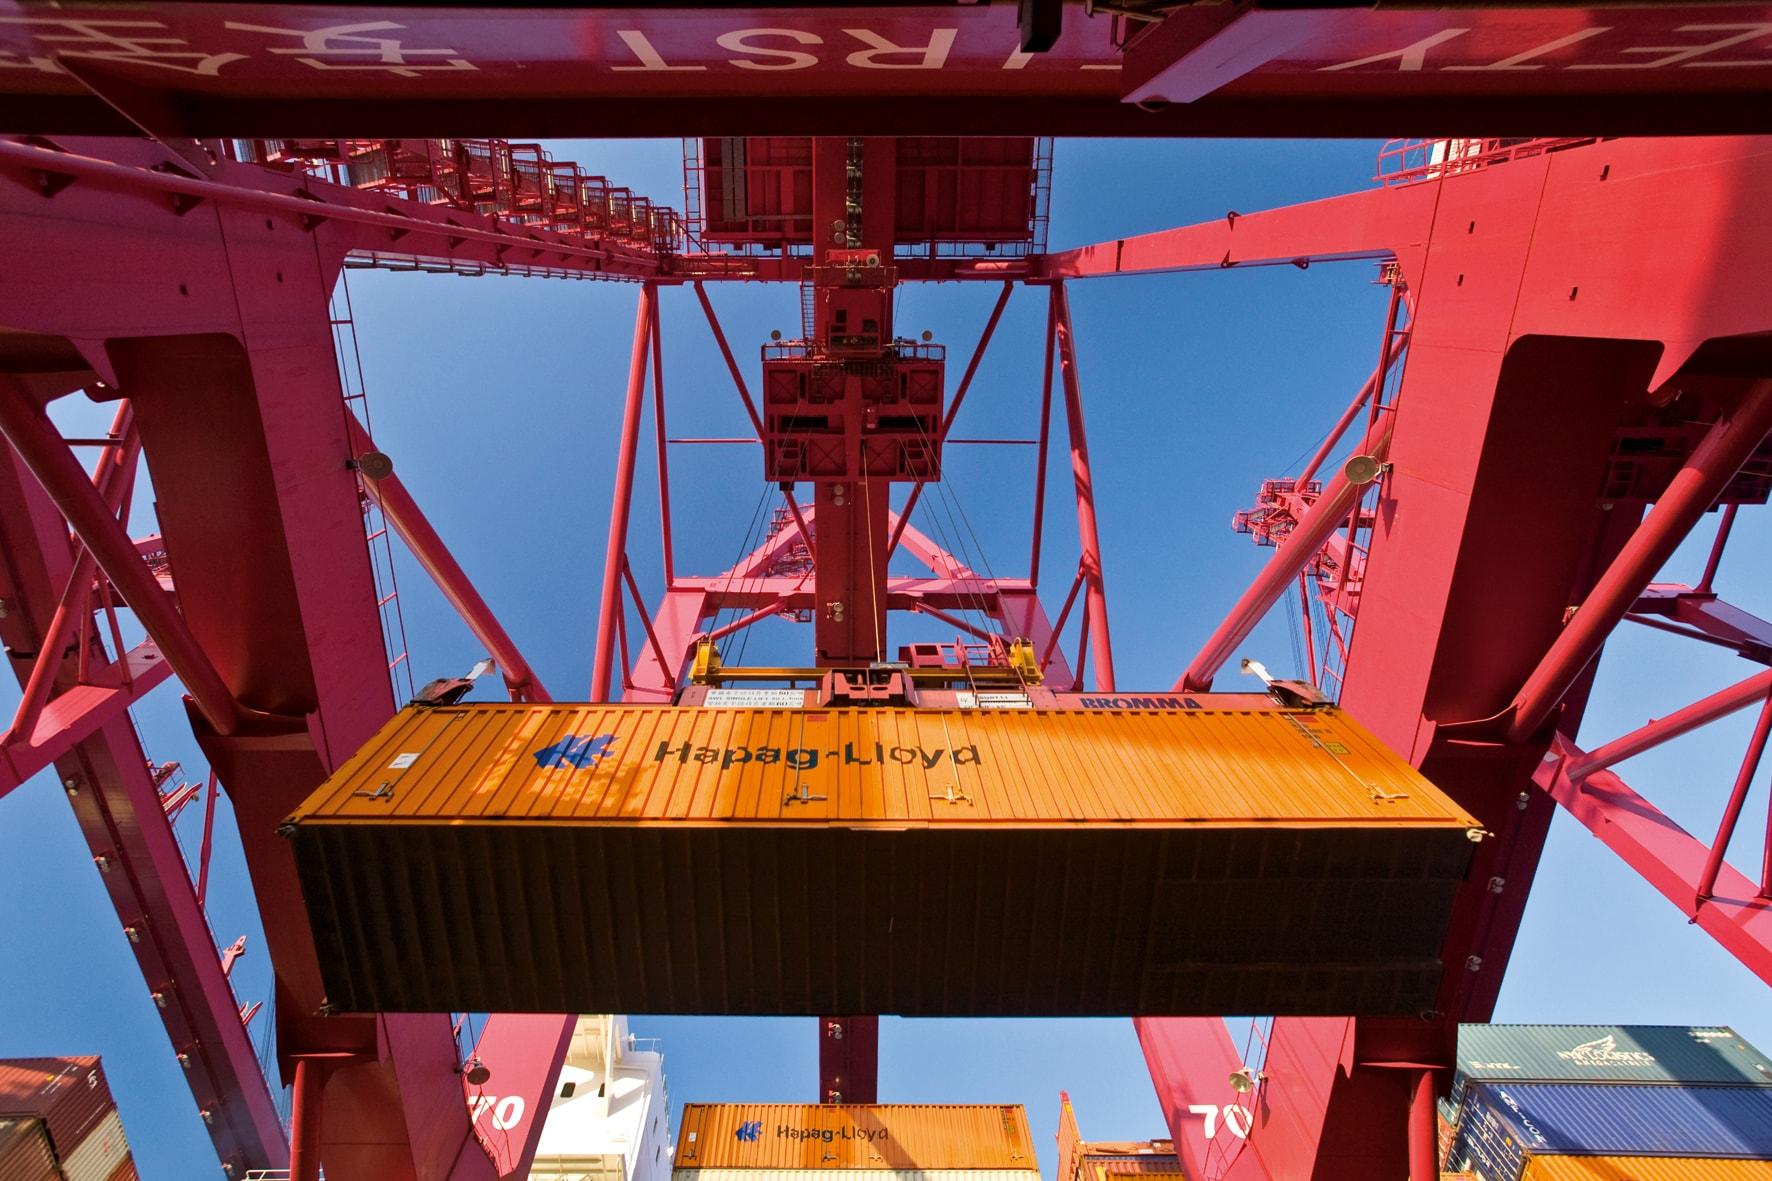 Hapag-Lloyd agrega 100,000 TEU de capacidad para mantener movimiento de carga